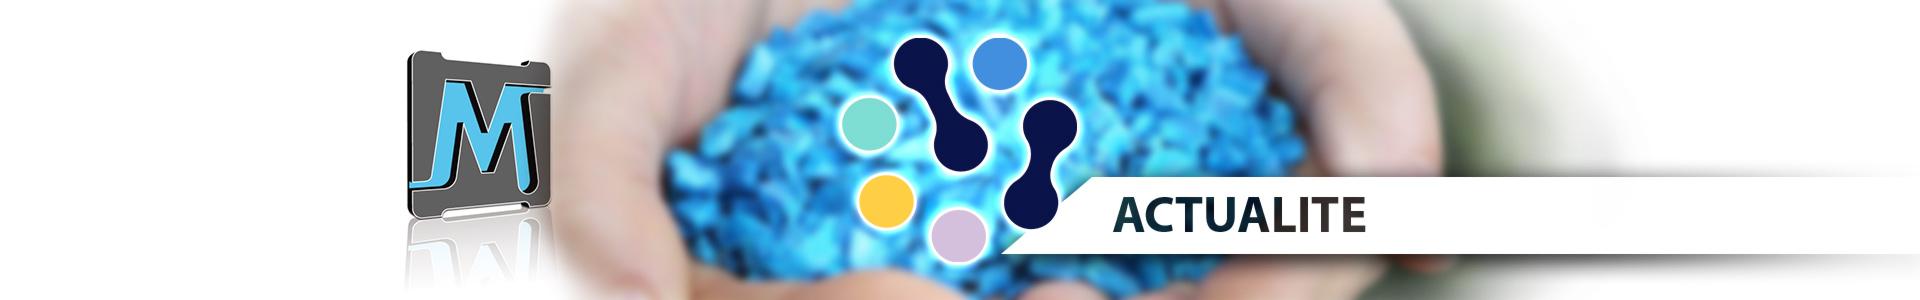 Polyvia - organisation professionnelle principale représentative des transformateurs de polymères en France